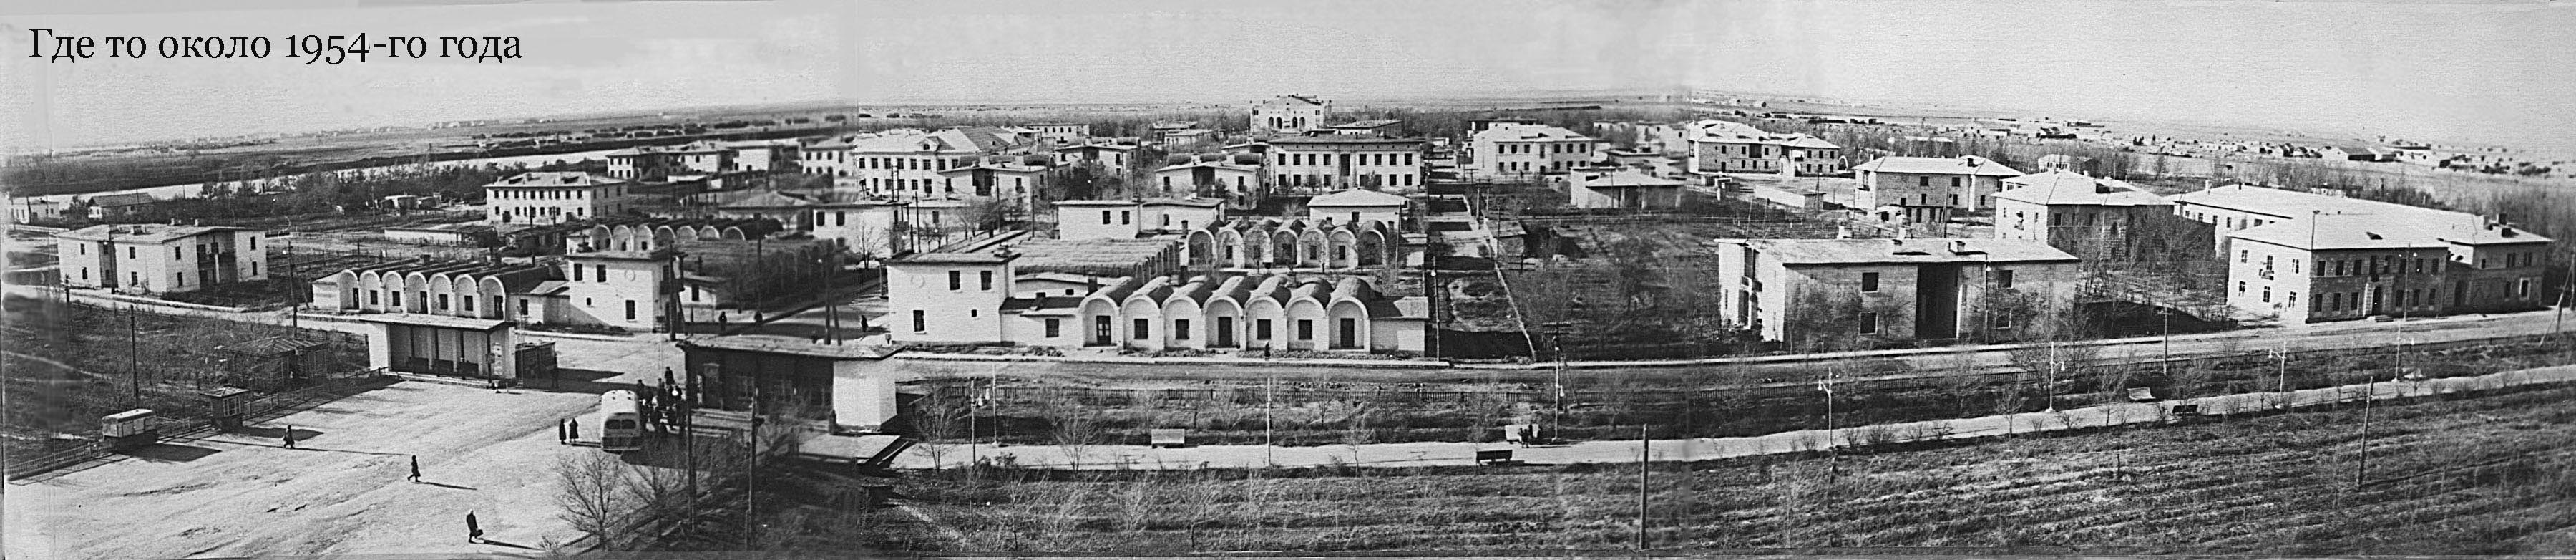 z+ Гурьев 1954 Панорама копия